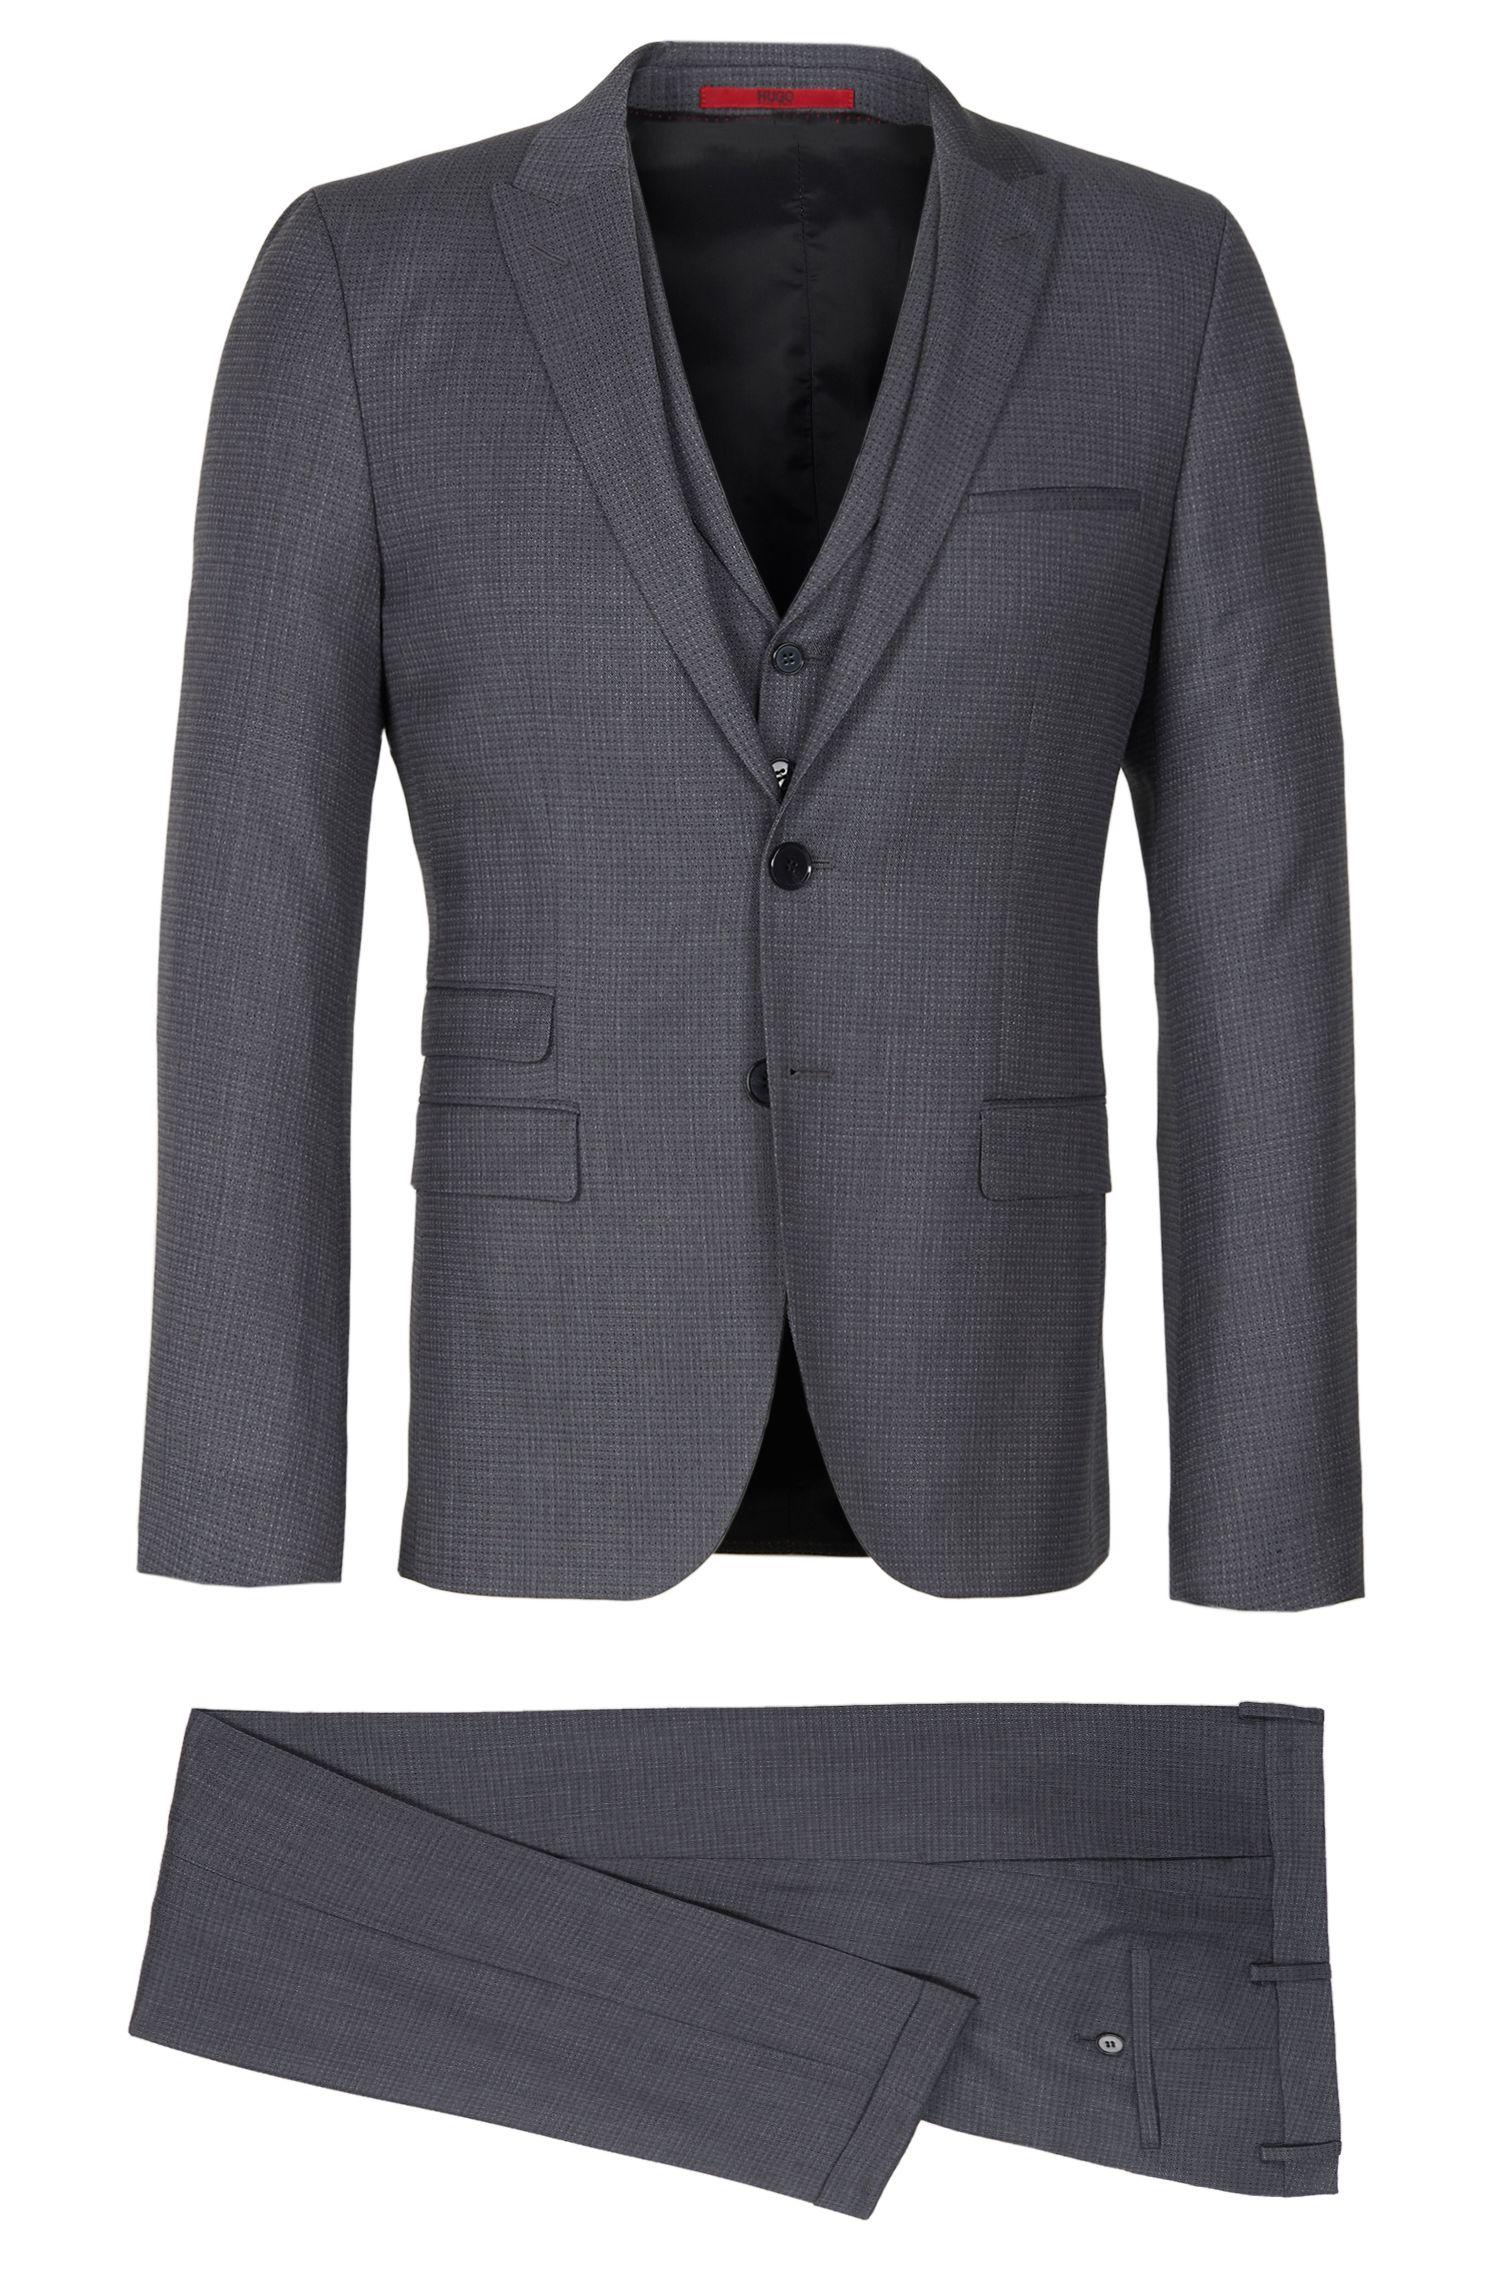 'Aneo/Wiad/Hilor'   Slim Fit, Virgin Wool 3-Piece Suit